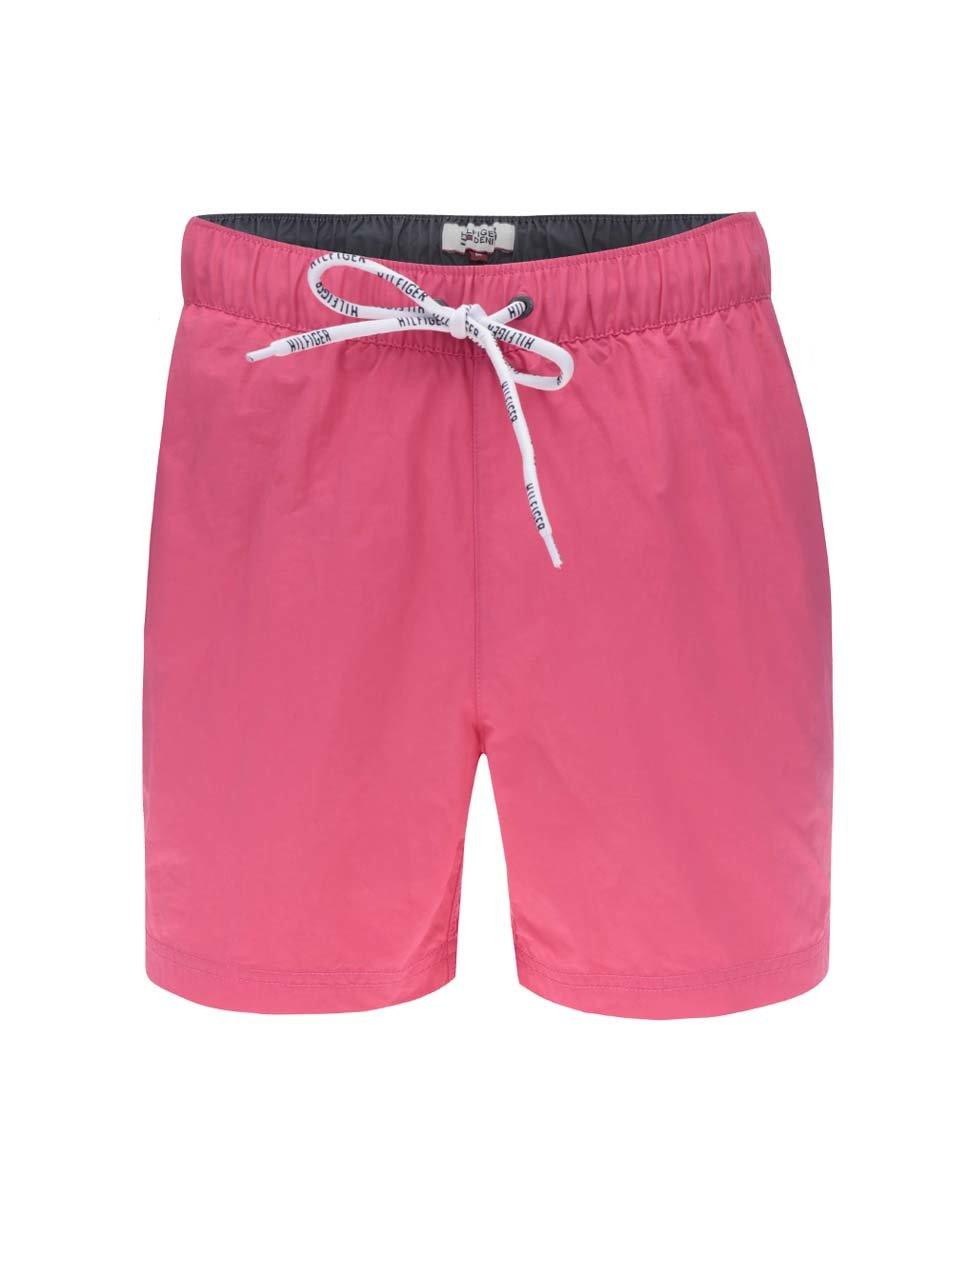 Růžové pánské plavky Tommy Hilfiger